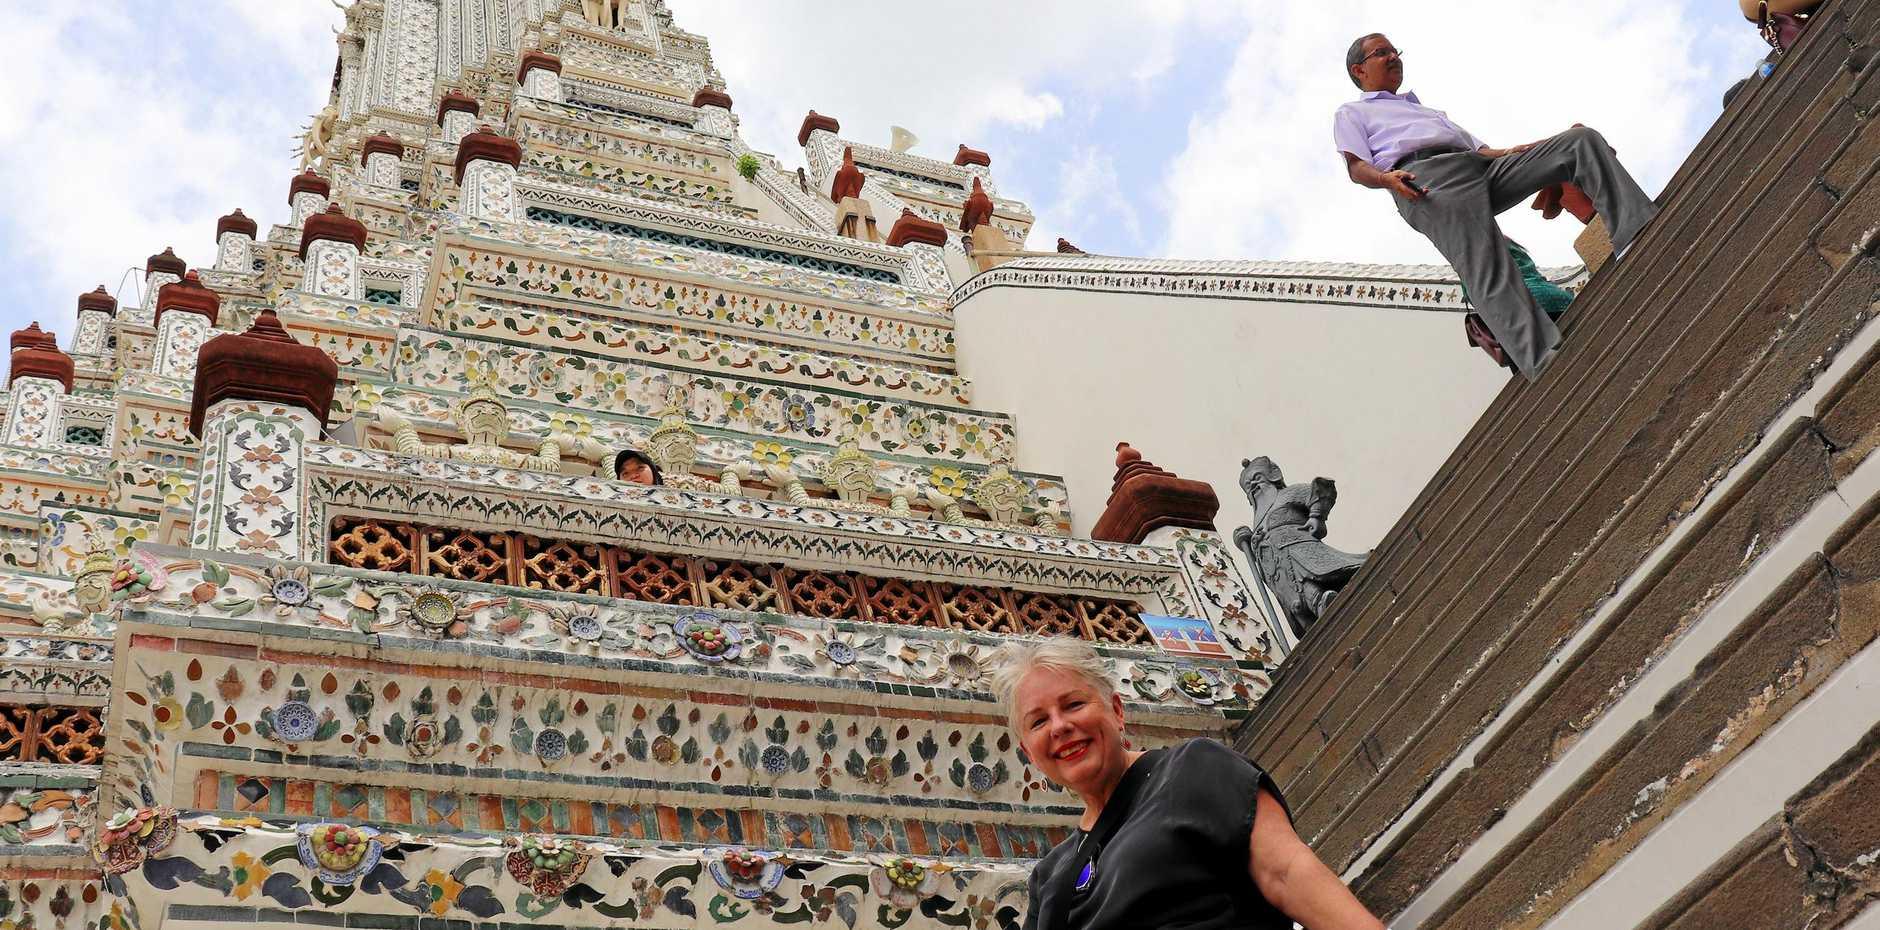 Temple of Dawn (Wat Arun).